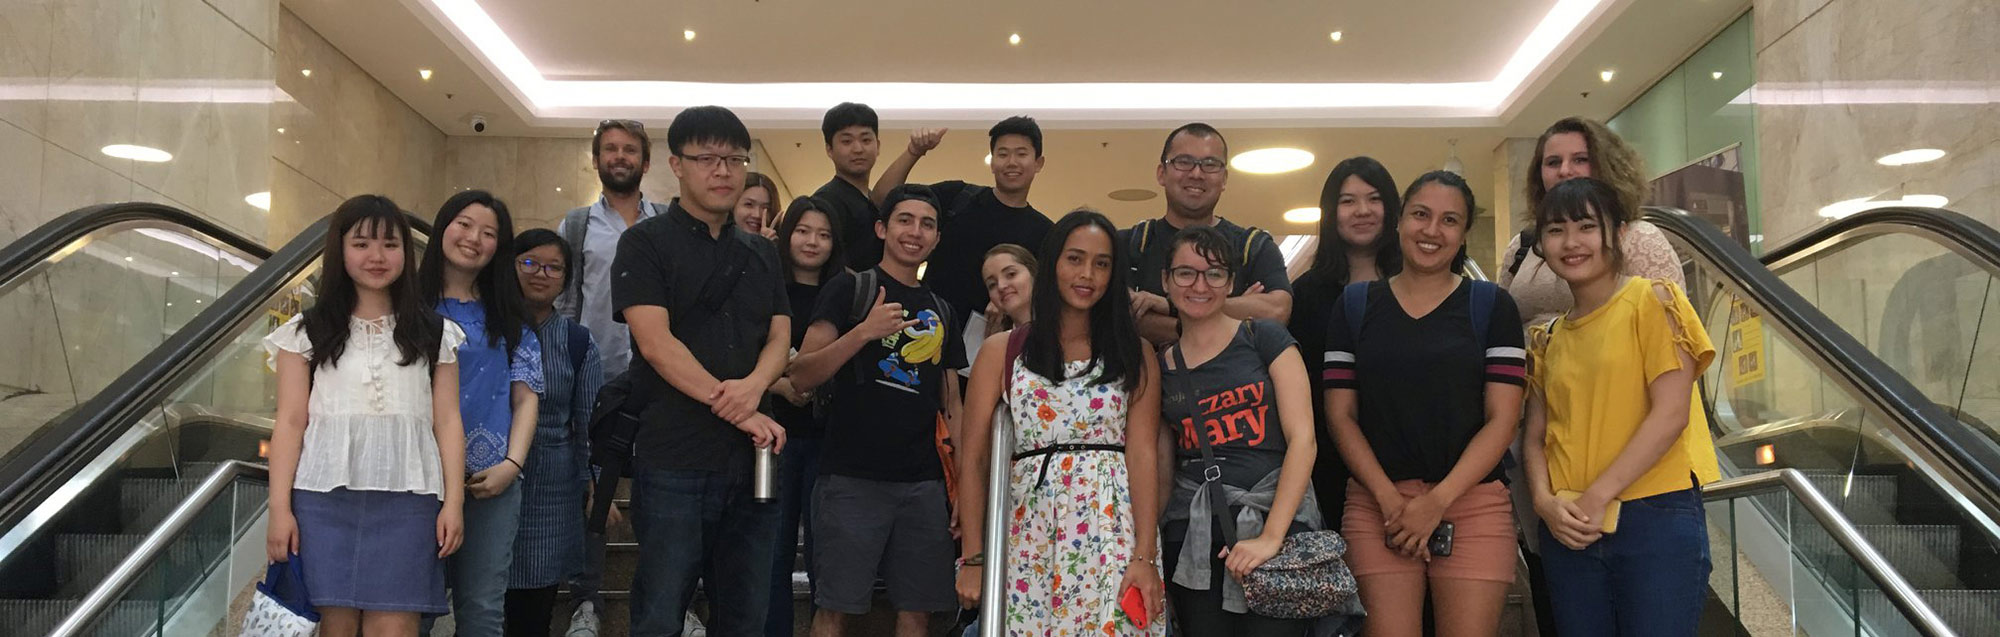 Cursos y precios de Universal English College Sydney